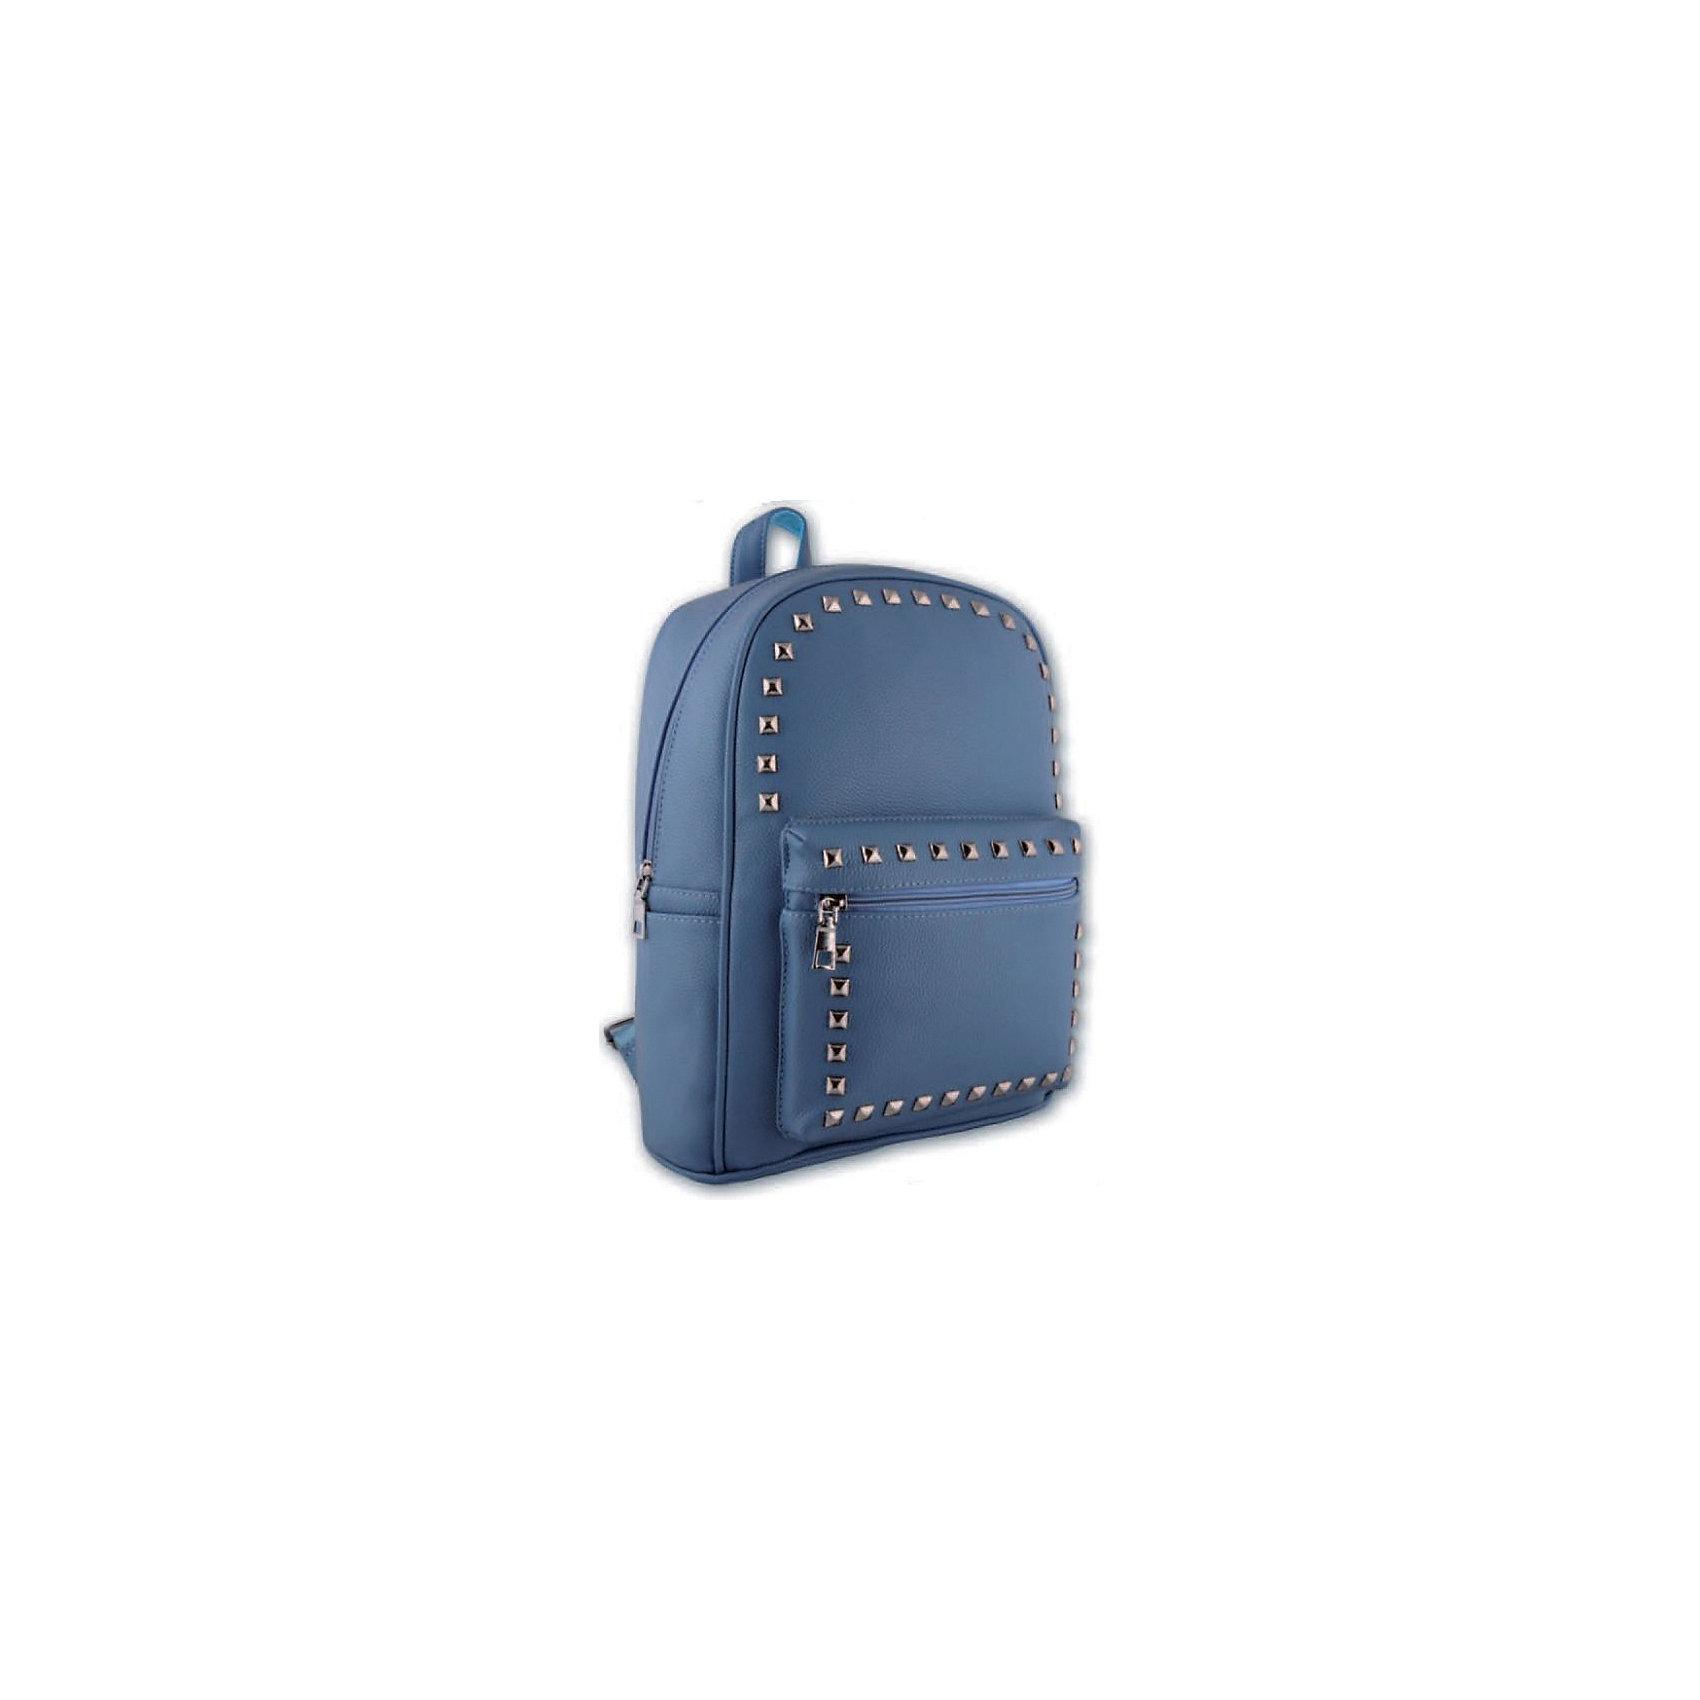 Рюкзак молодежный Феникс+, голубой с клепкамиРюкзаки<br>Рюкзак молодежный ГОЛУБОЙ С КЛЕПКАМИ (35х26х16см, кожзам, уплотн. лямки с регулировкой, декор. метал. заклепками, 1 фронт. и 2 бок. кармана, индив. ПЭТ-пакет)<br><br>Ширина мм: 350<br>Глубина мм: 260<br>Высота мм: 160<br>Вес г: 680<br>Возраст от месяцев: 72<br>Возраст до месяцев: 2147483647<br>Пол: Унисекс<br>Возраст: Детский<br>SKU: 7046420